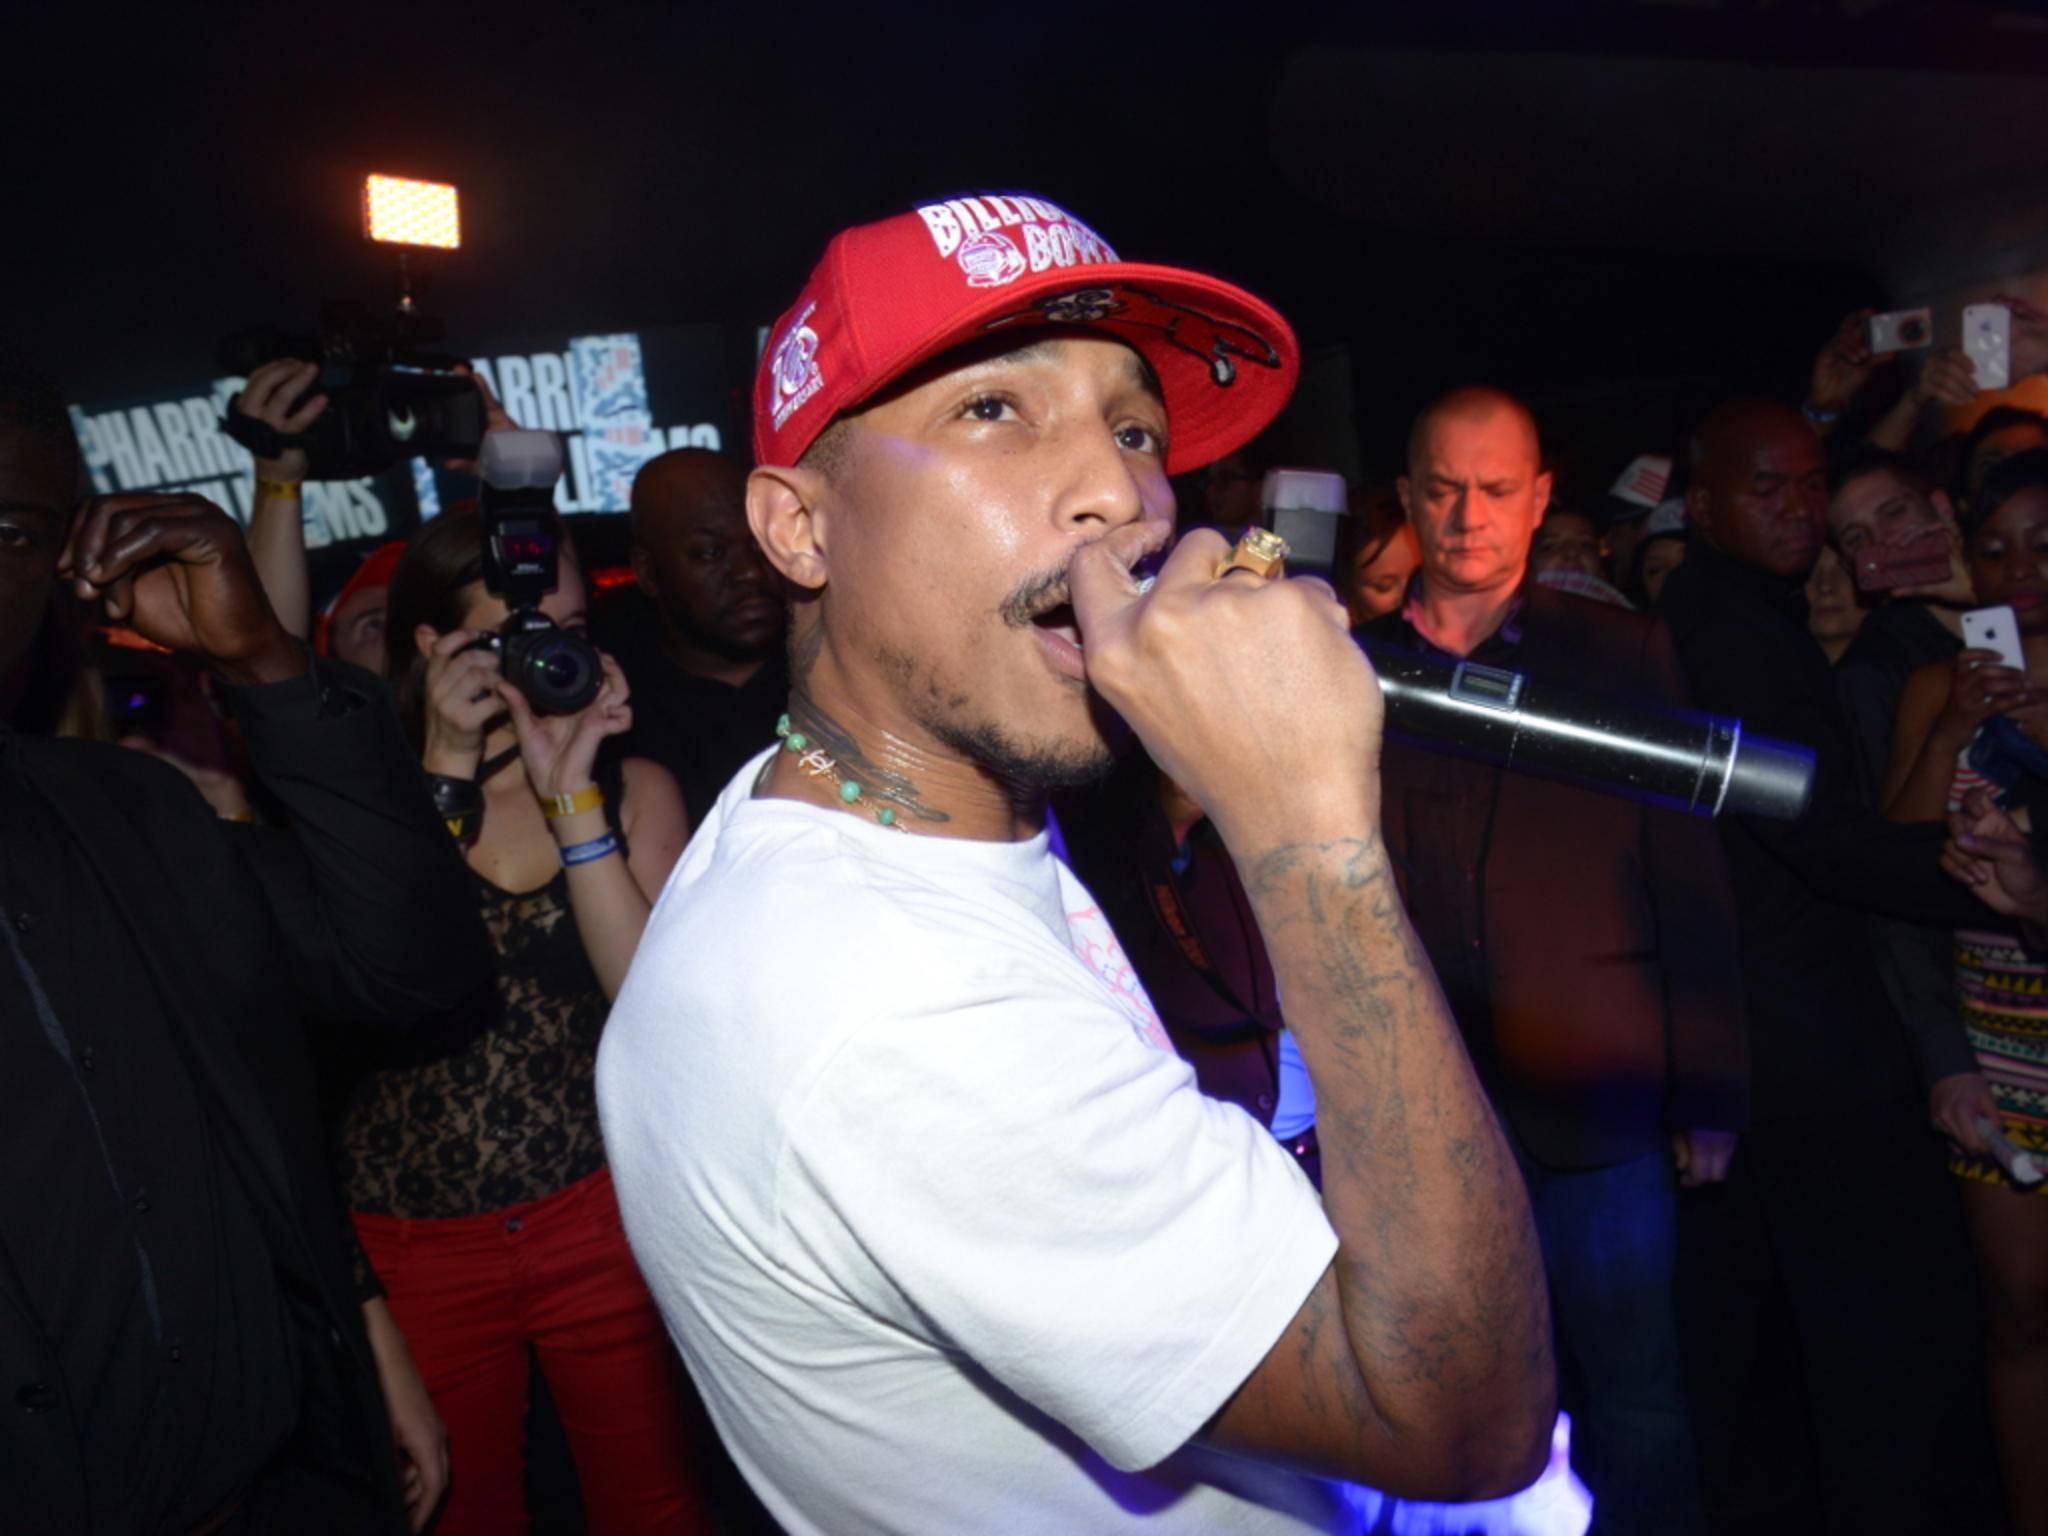 Den neuen Song von Pharrell Williams gibt's exklusiv bei Apple Music.